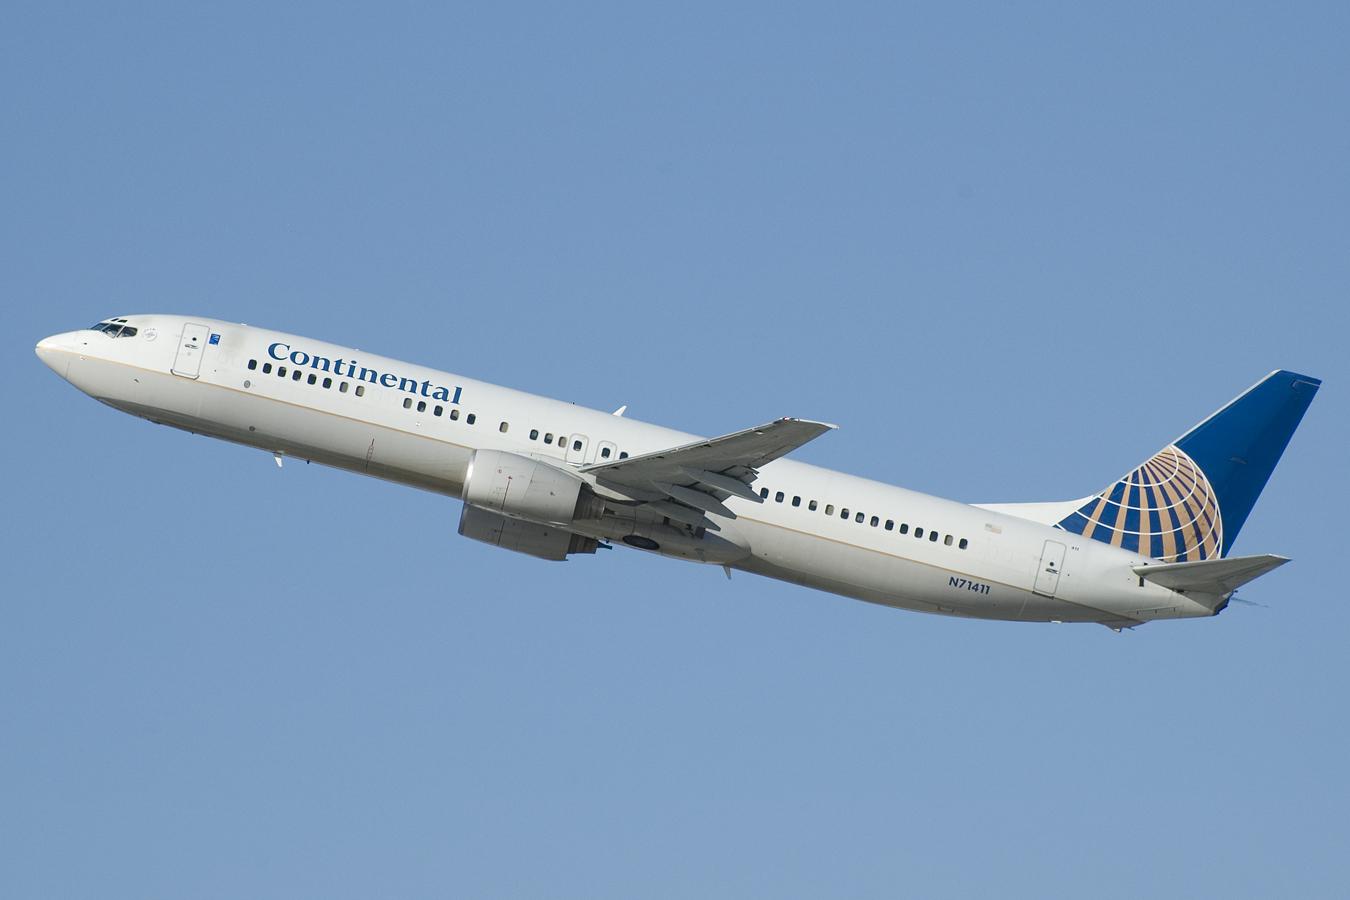 Continental_Airlines_Boeing_737-800_N71411.jpg